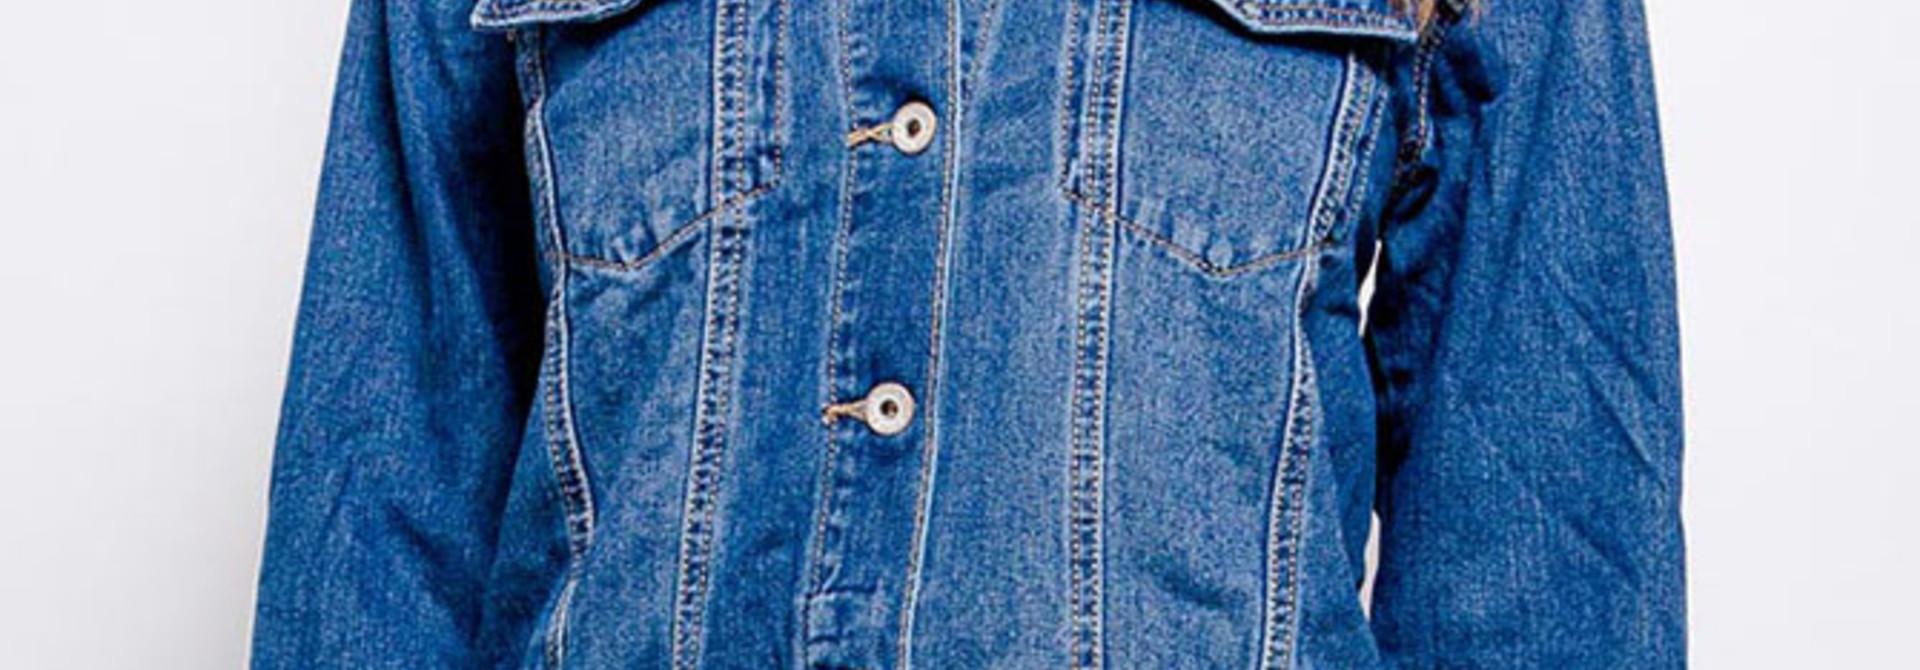 Solveig long denim jacket Blue